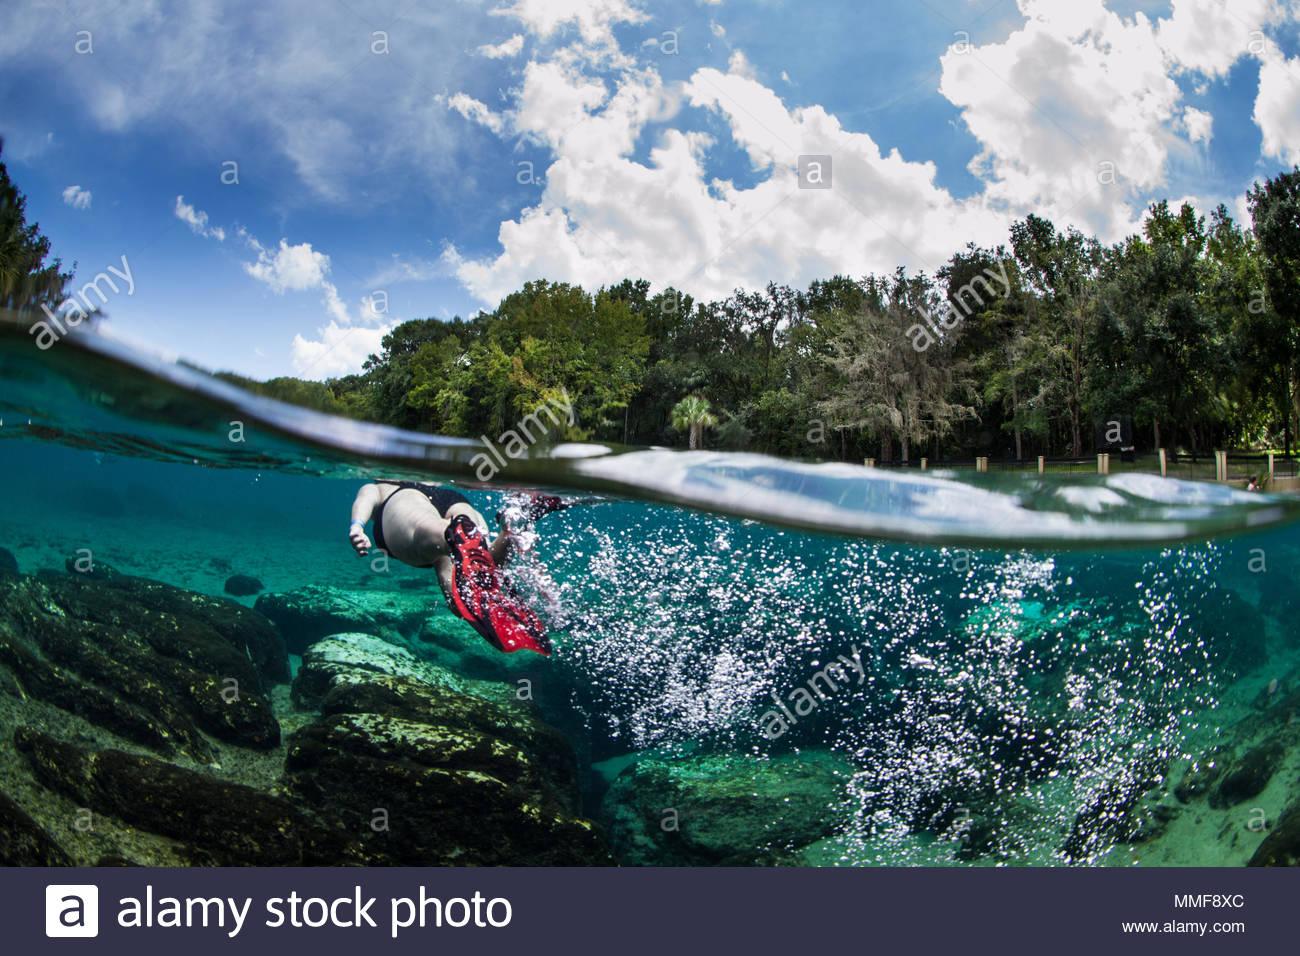 Snorkeler natation en eau douce au printemps. Photo Stock